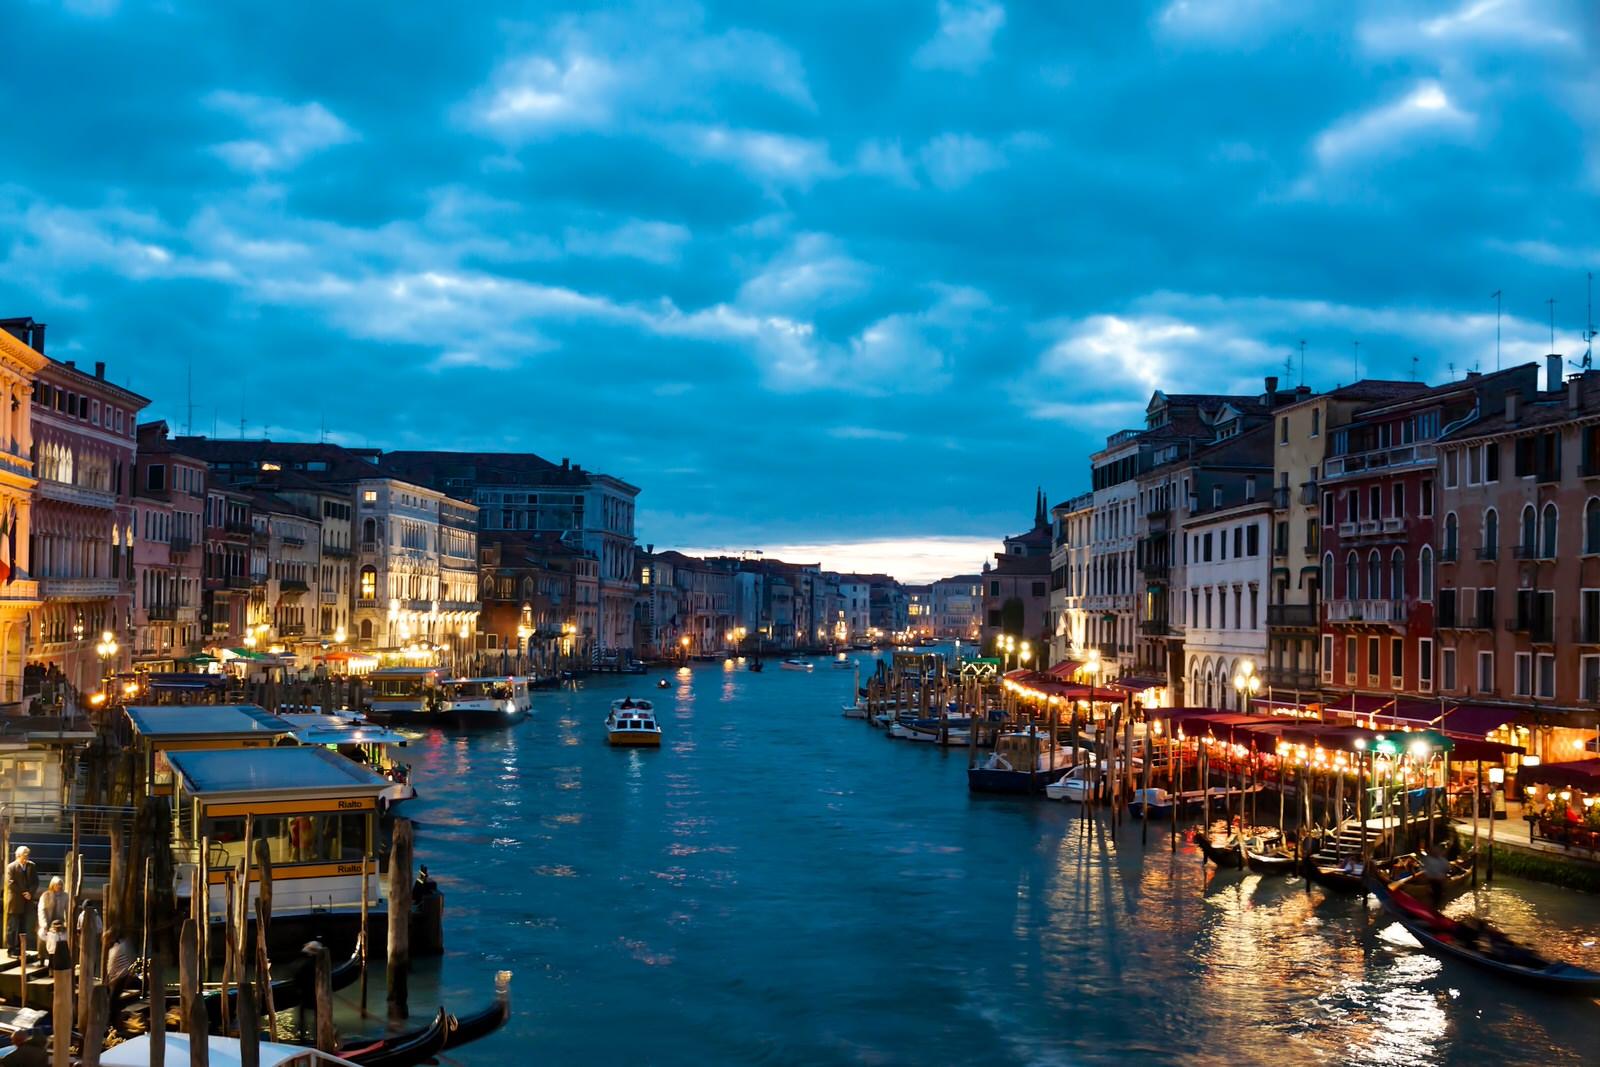 Venecia_136